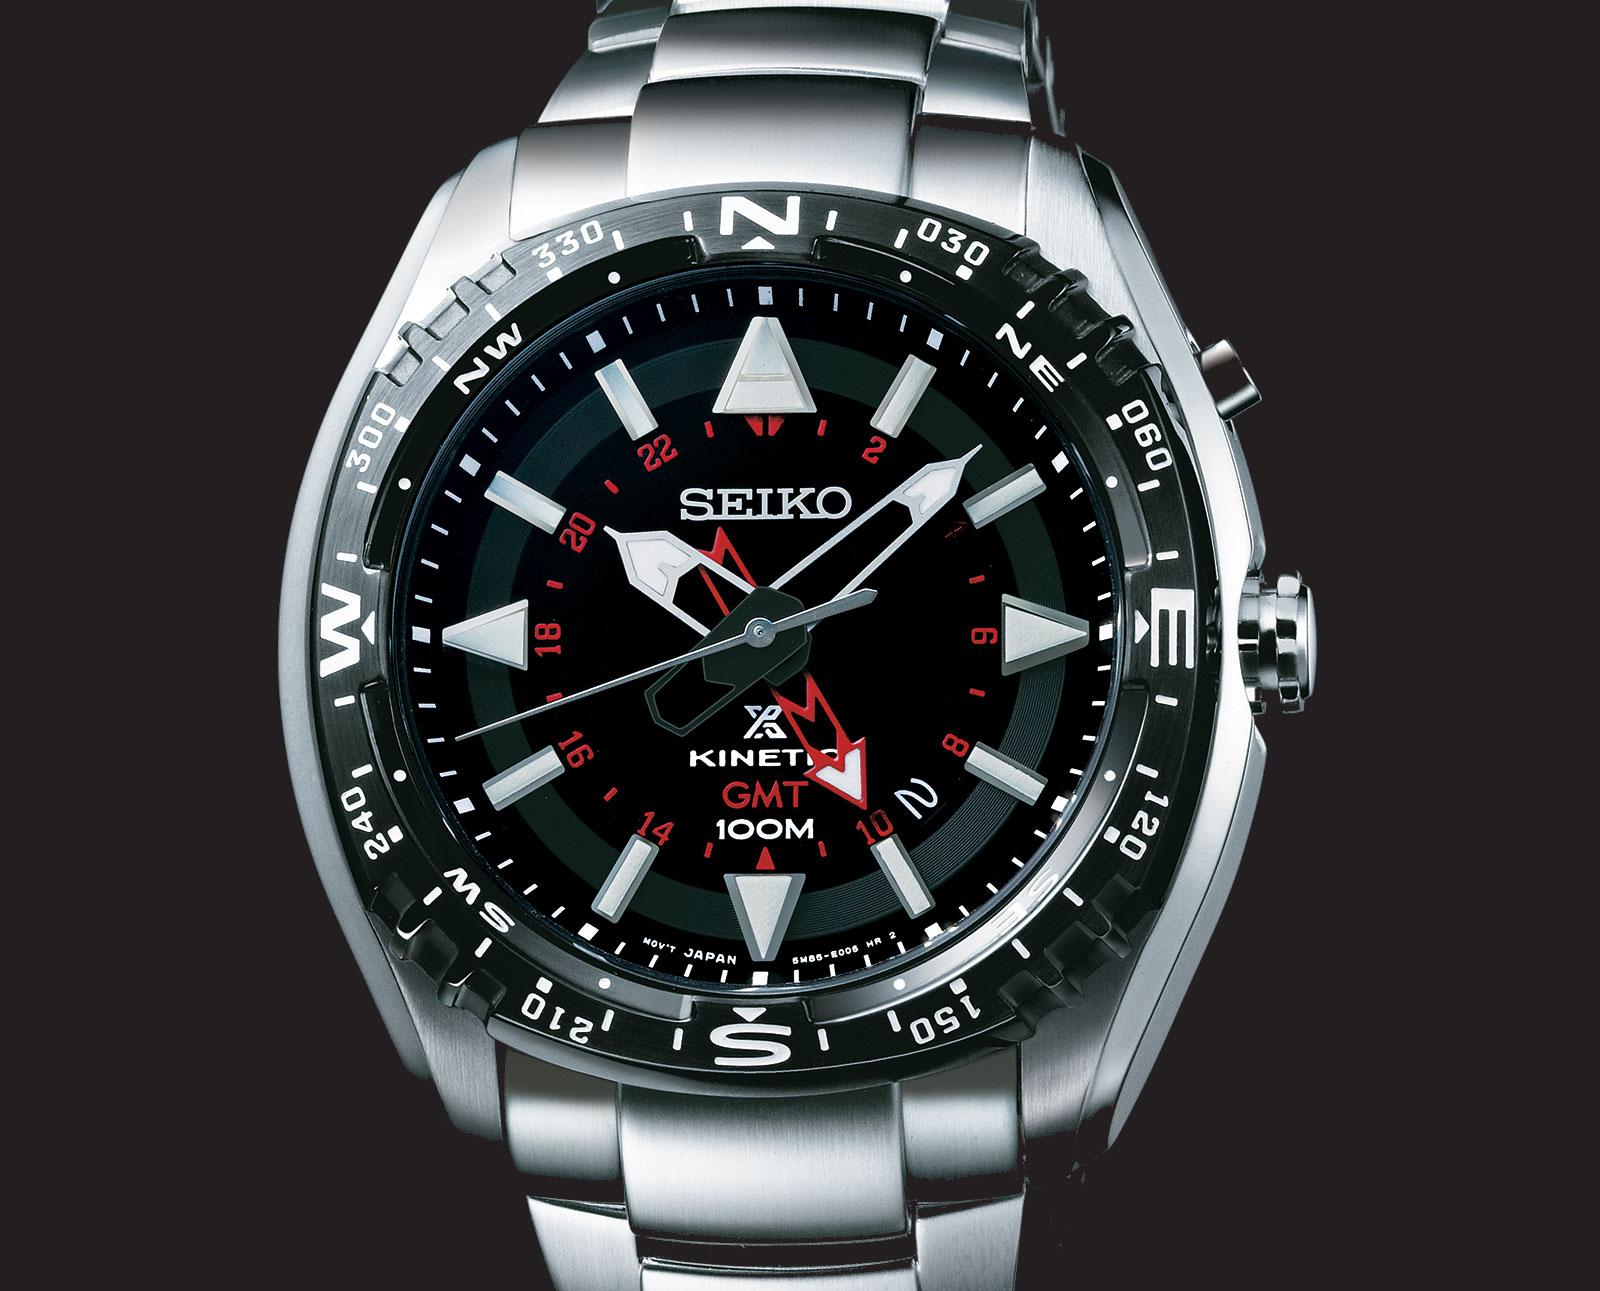 Seiko Watches All Prices For Seiko Watches On Chrono24 ...